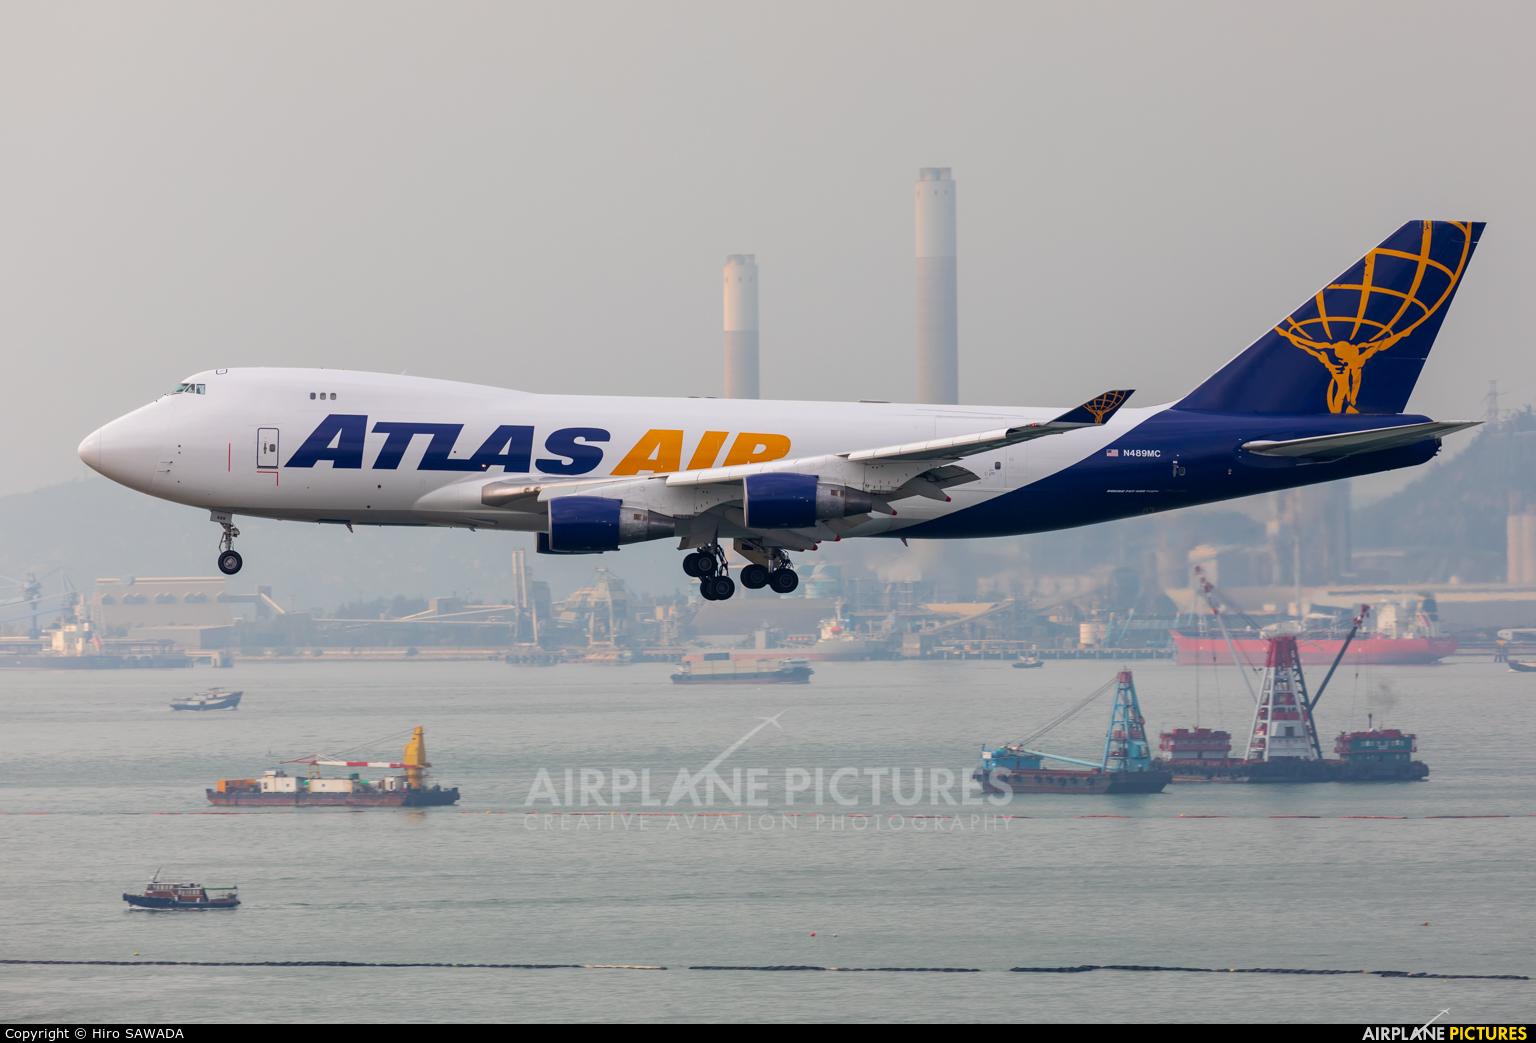 Atlas Air N489MC aircraft at HKG - Chek Lap Kok Intl